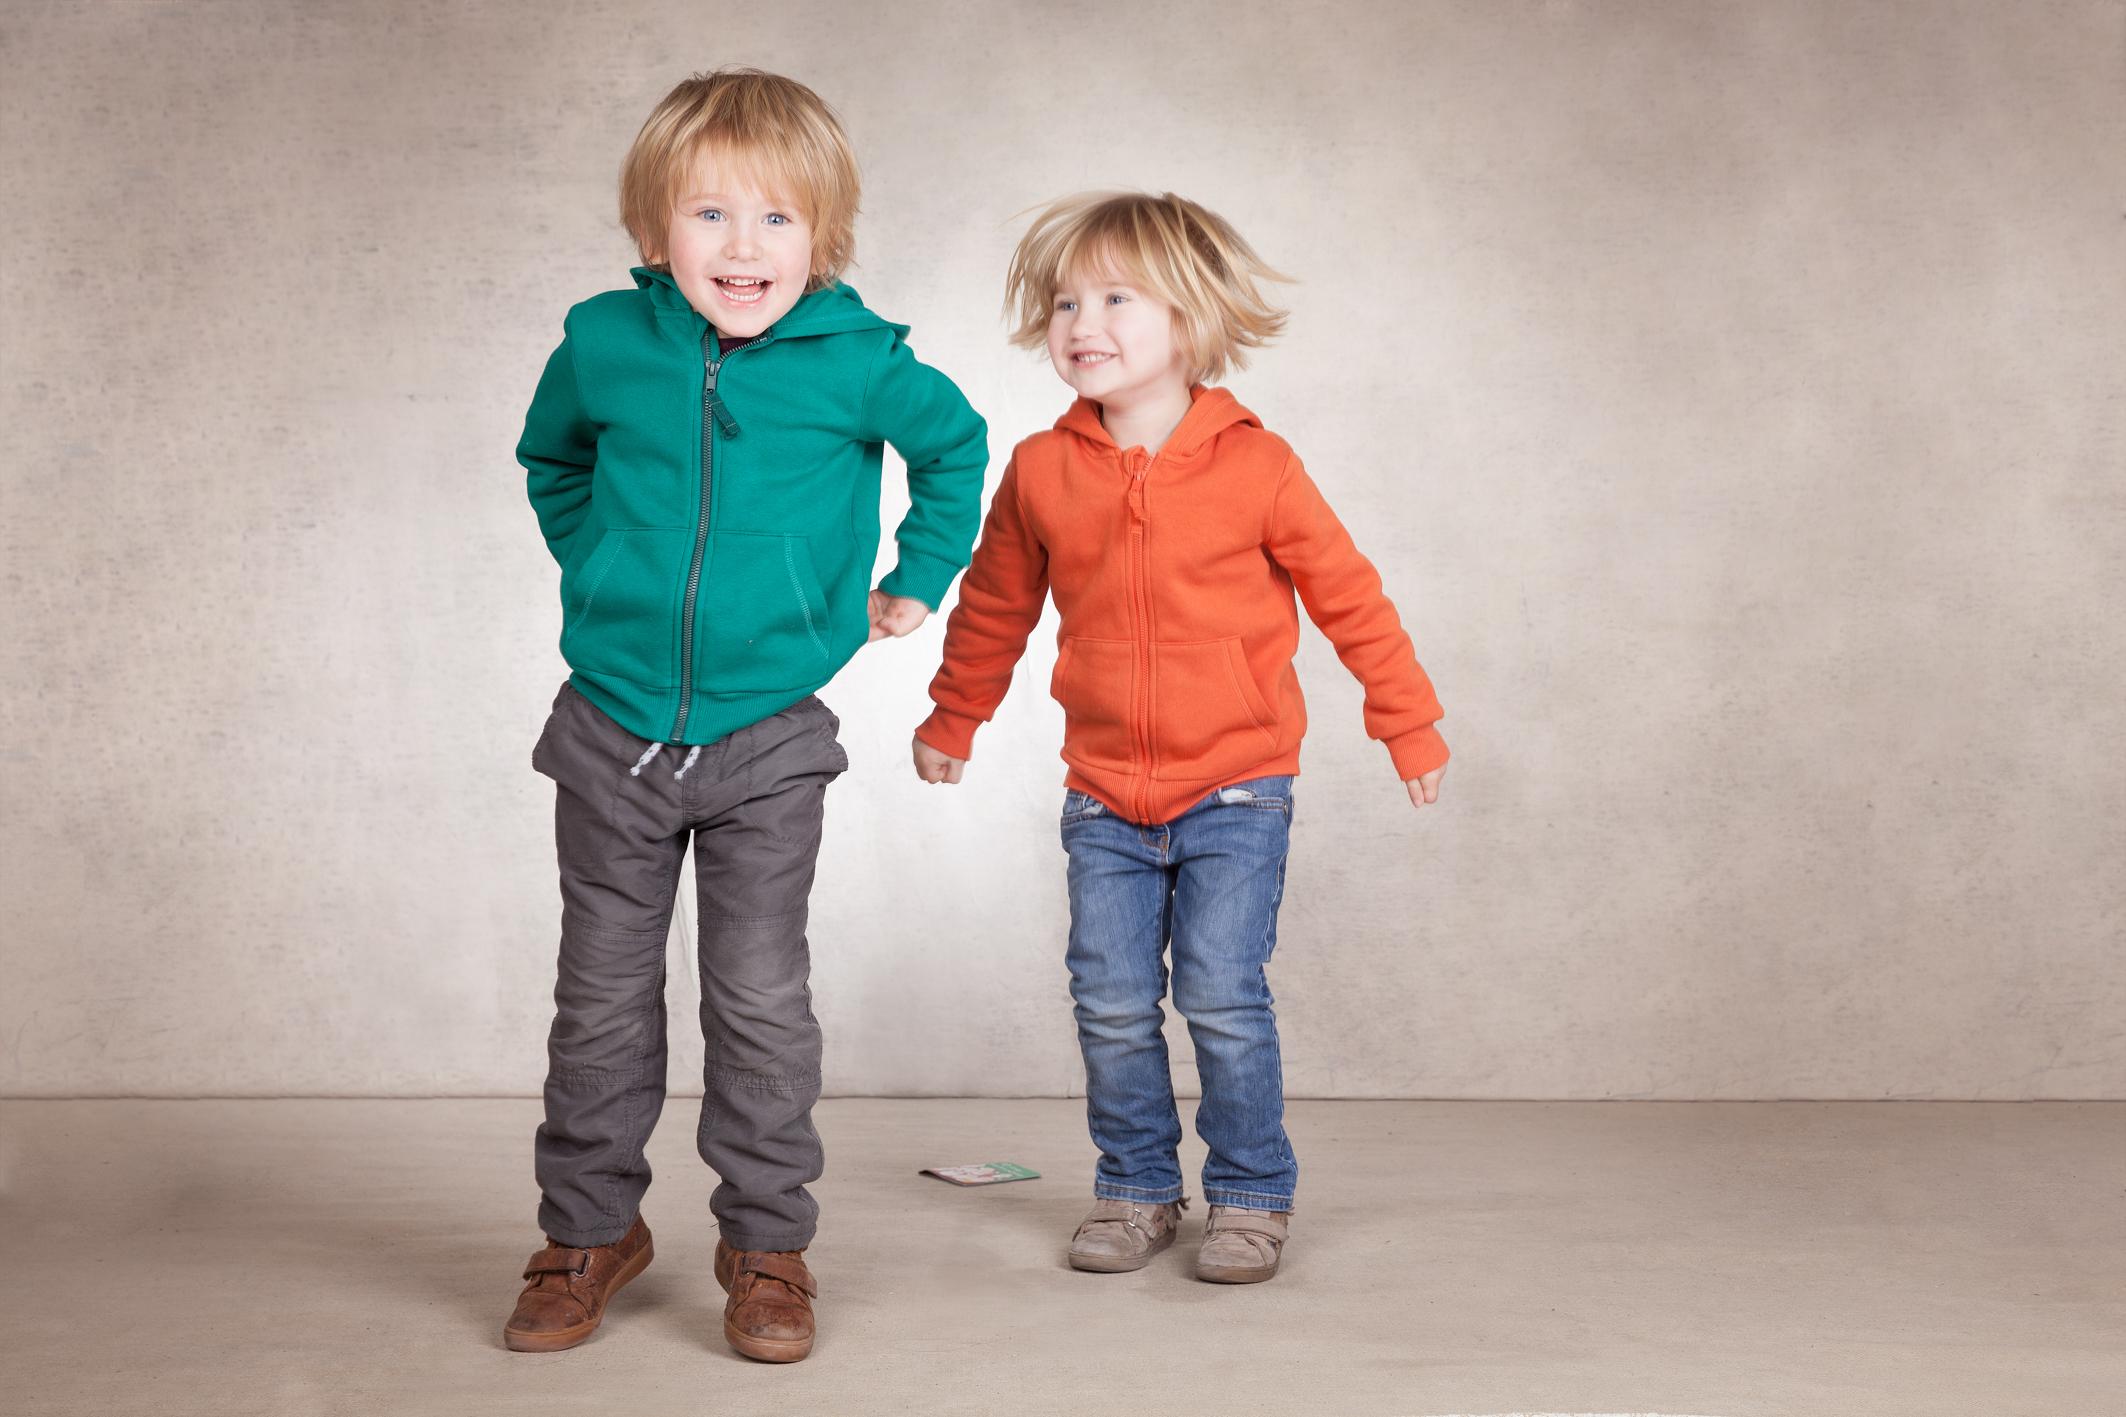 Fotostudio Berlin Familienfotoshooting Kinder Fotografie